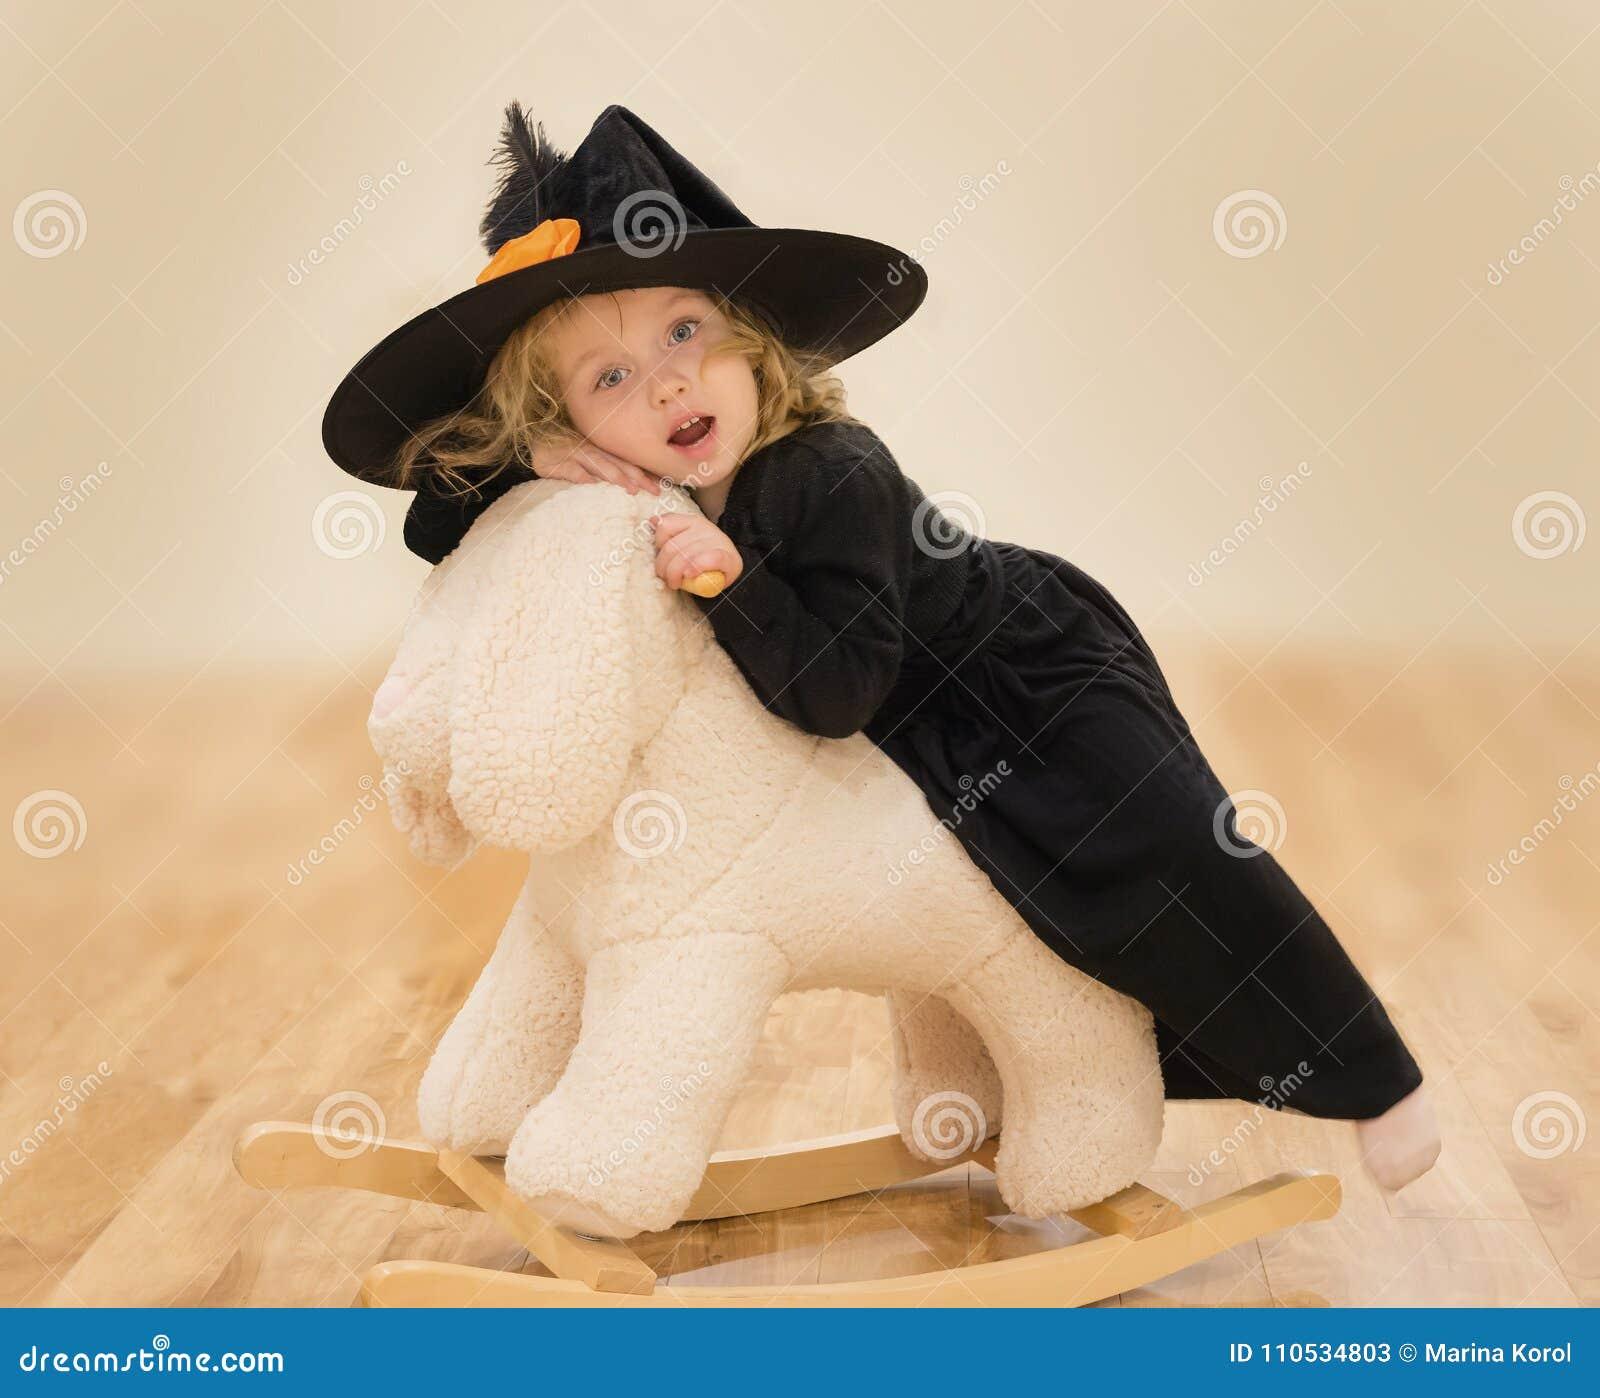 Aanbiddelijk zit weinig Kaukasisch meisje op pluizig konijntjesstuk speelgoed Zij is in zwarte kleding en grote zwarte hoed